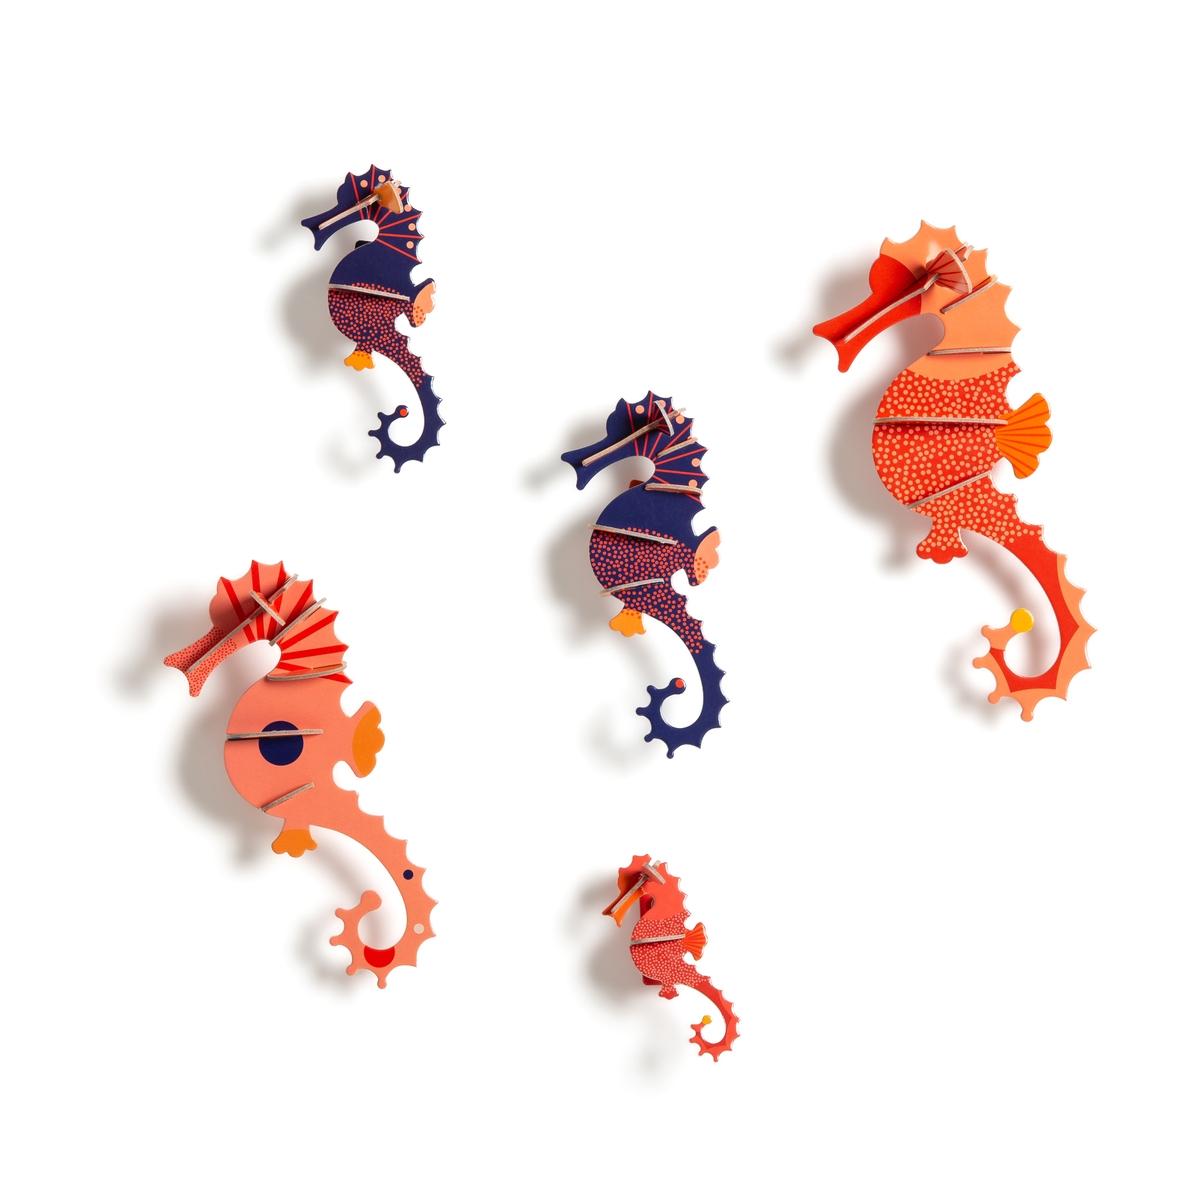 Комплект из морских коньков La Redoute Hippo Studio Roof единый размер разноцветный